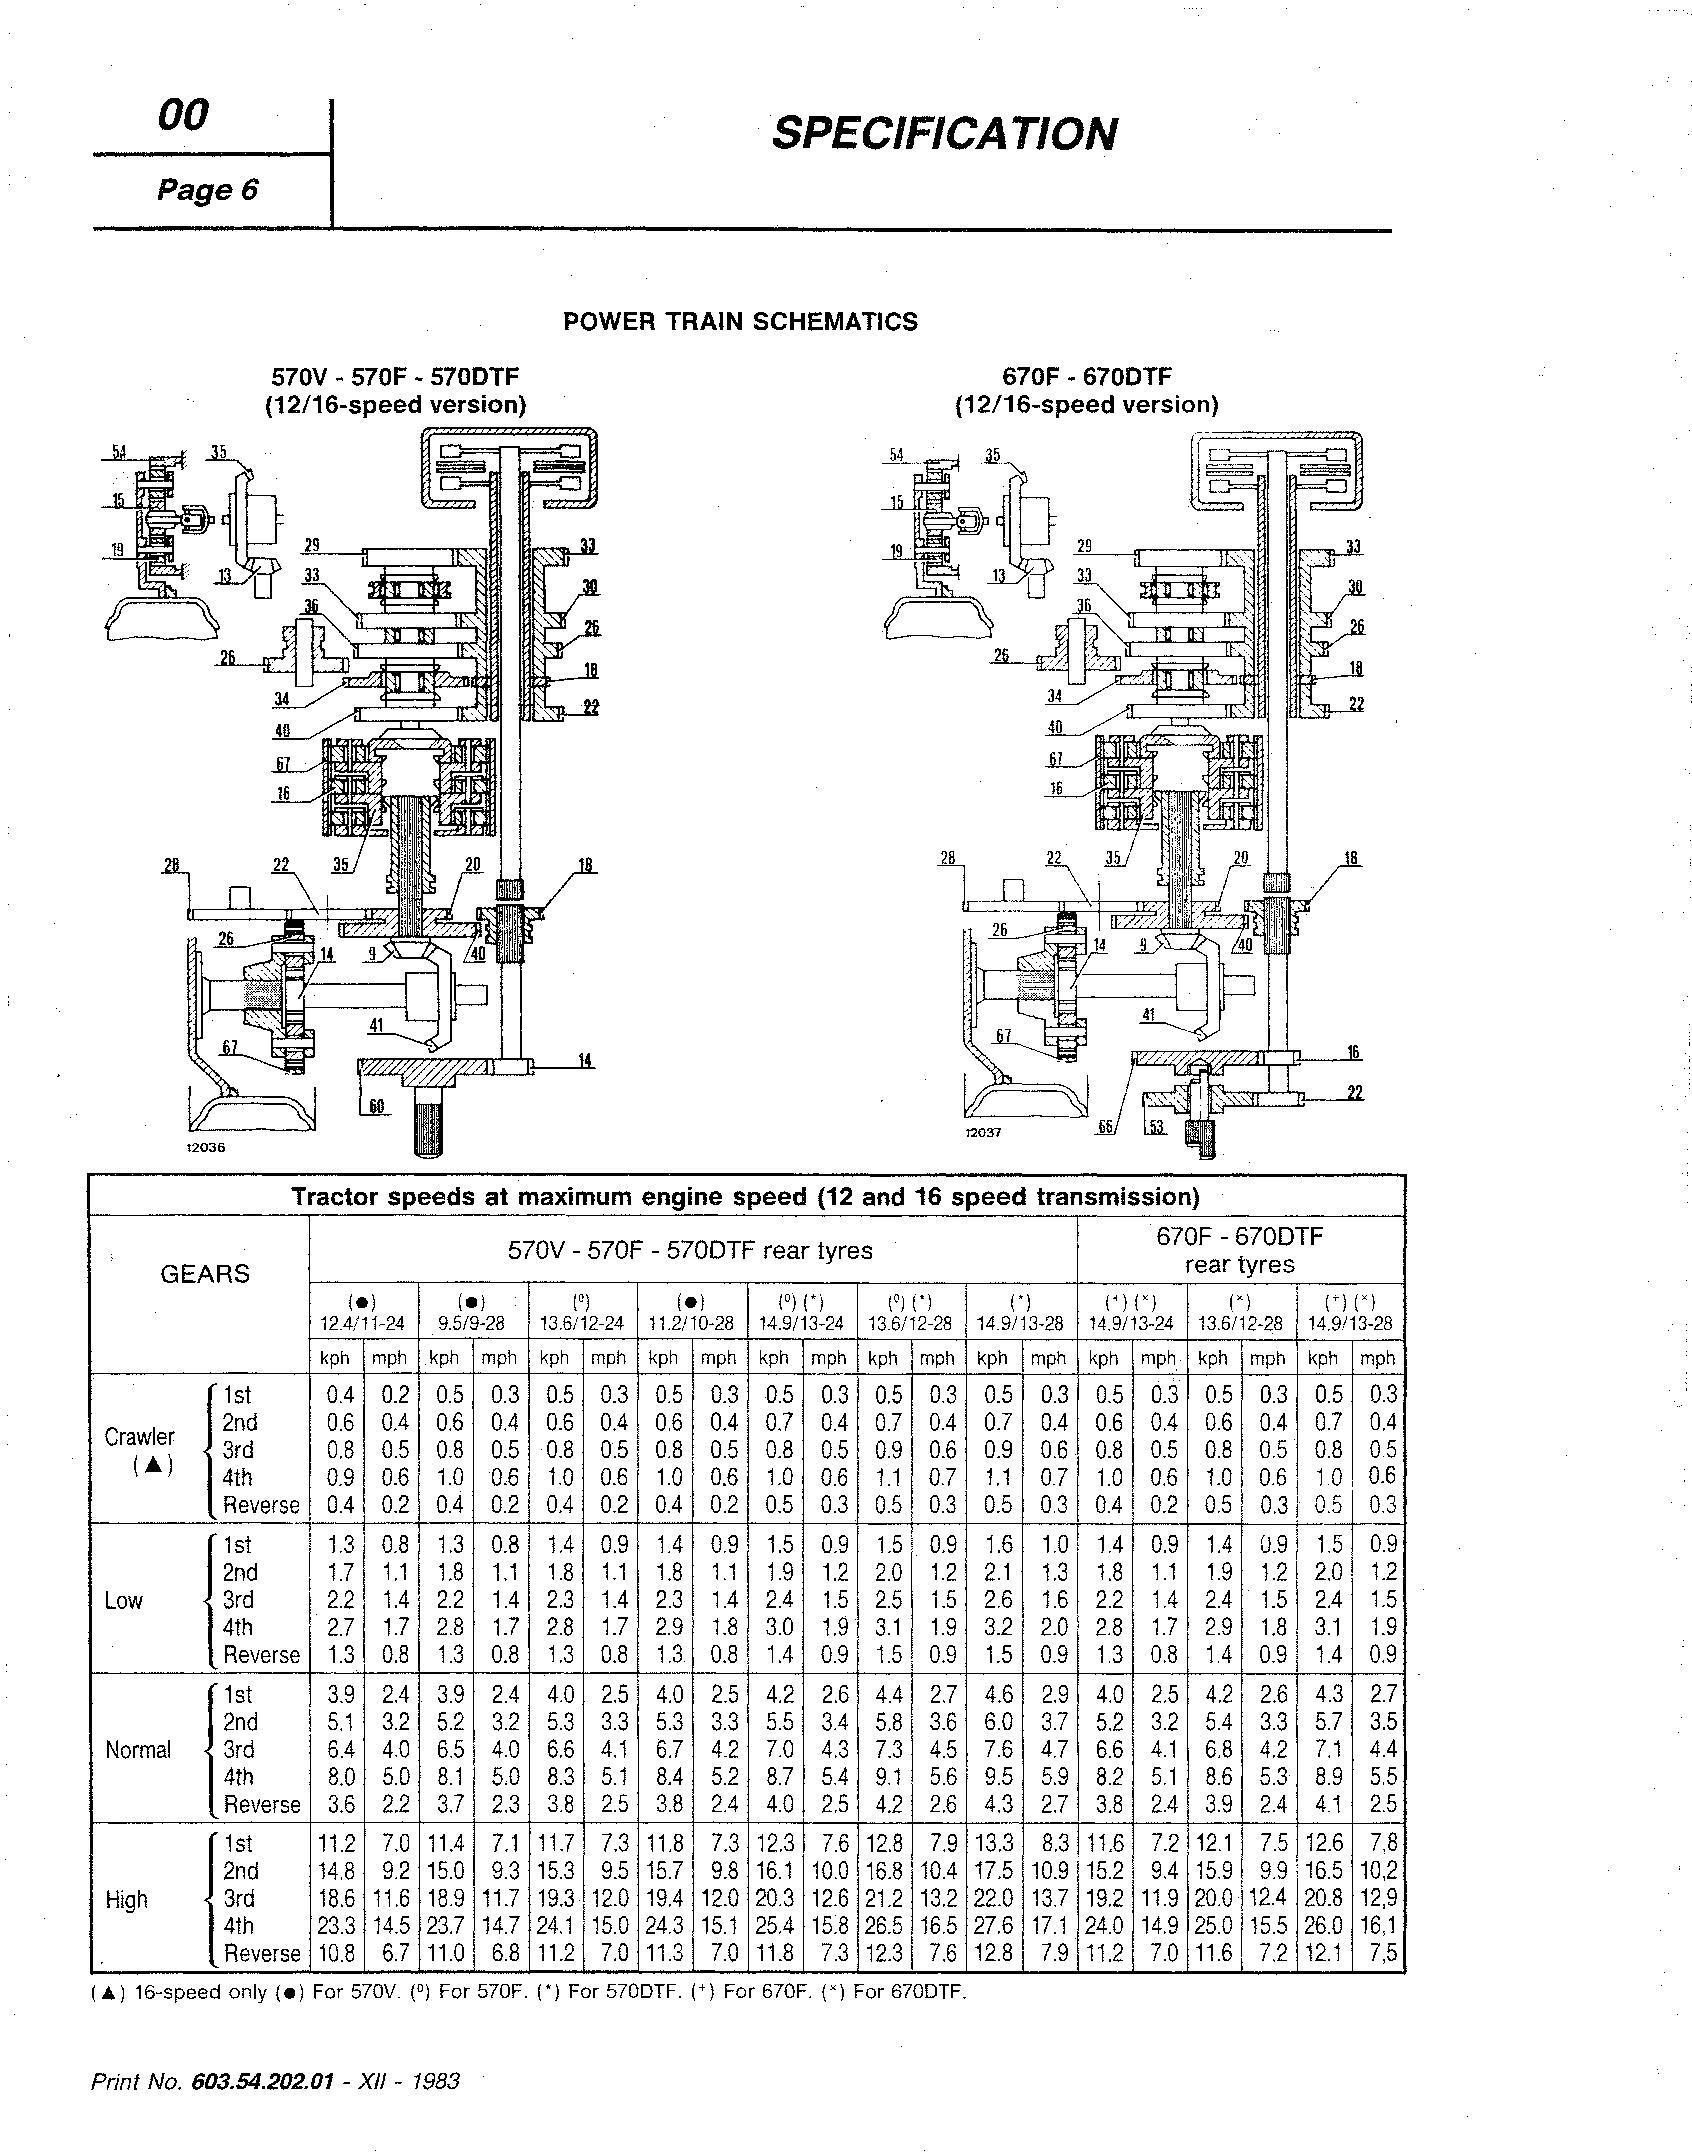 Fiat Low 580, 580DT, 680, 680DT Series Tractors Workshop Service Manual - 3